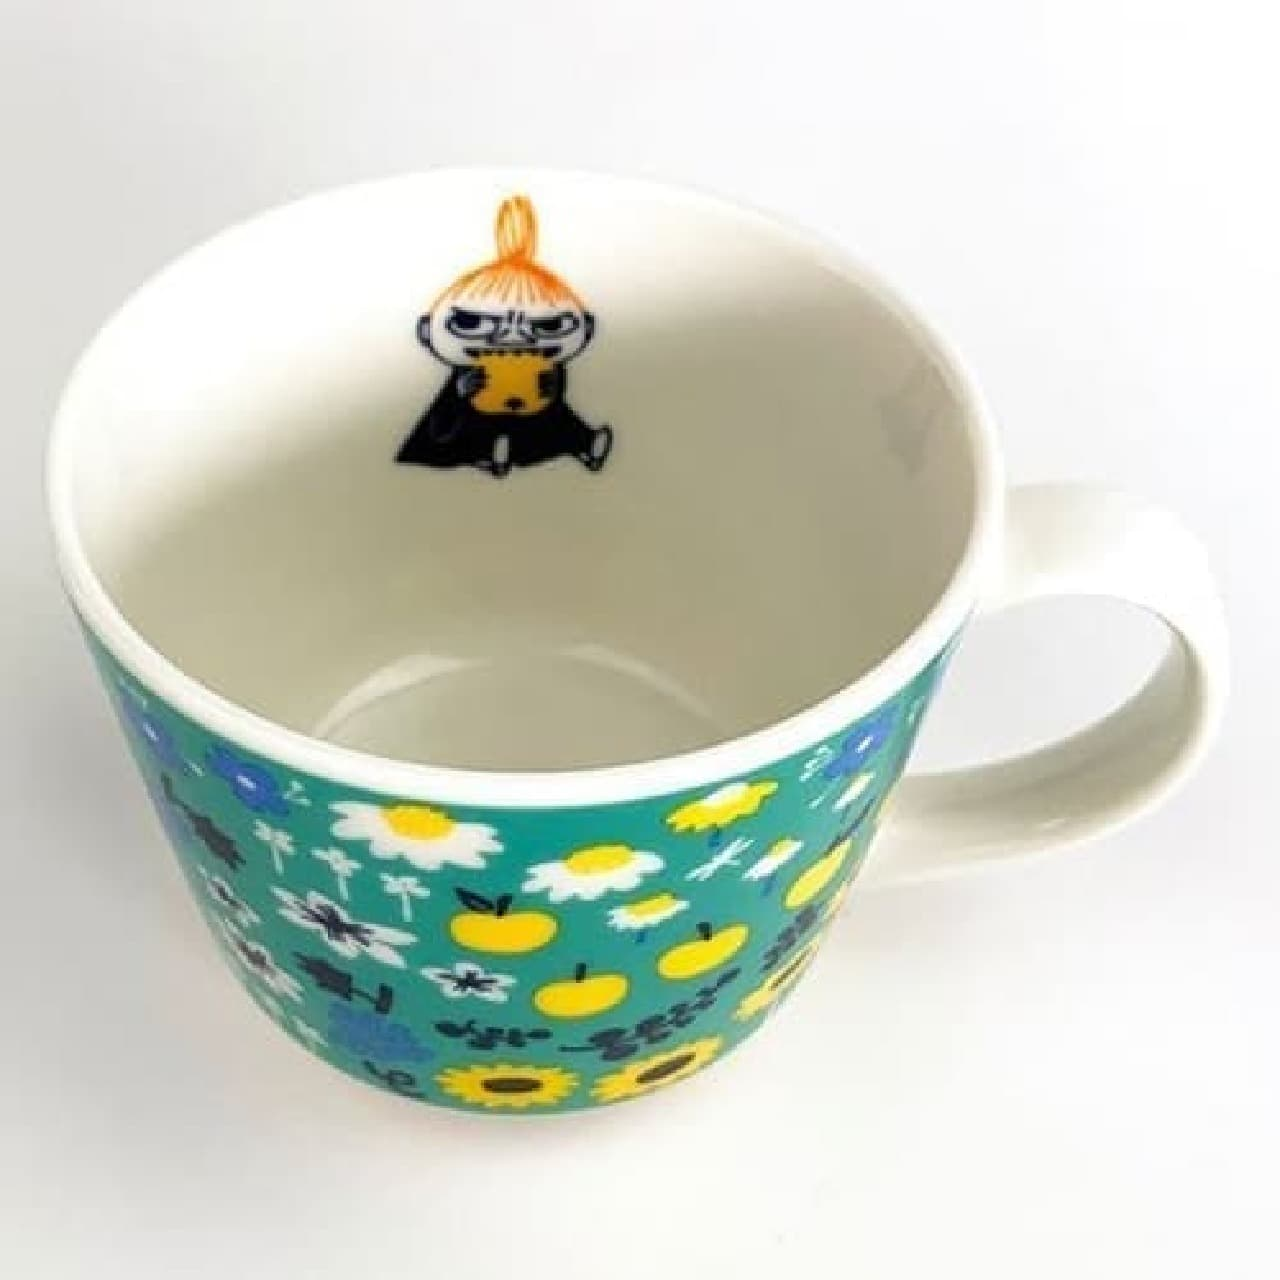 リトルミィ×ボタニカルの可愛いマグカップ -- 専用BOX入りでプレゼントにも